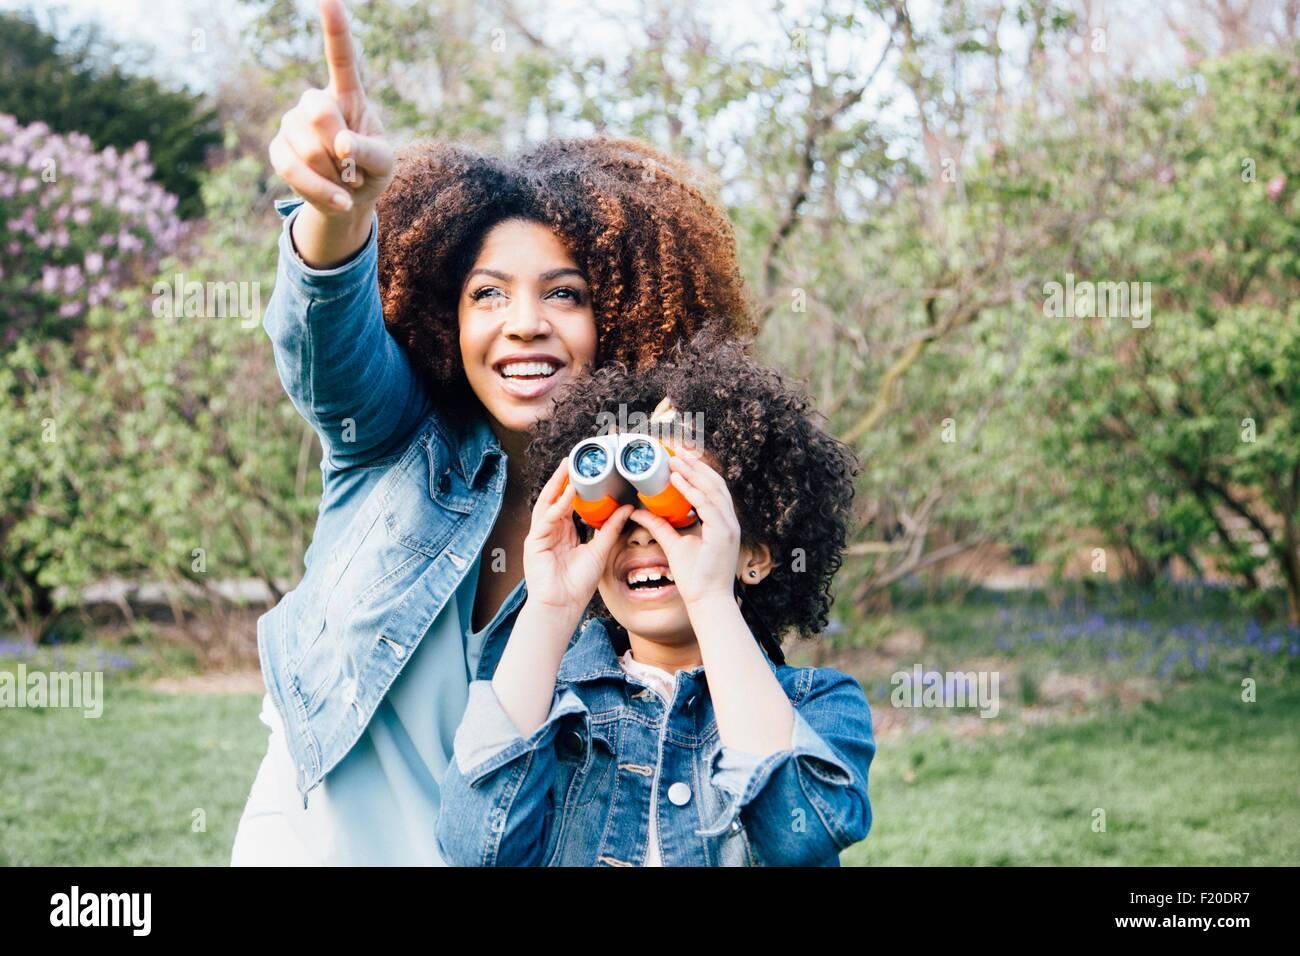 Madre e hija utilizando binoculares, mirando hacia arriba, apuntando Foto de stock